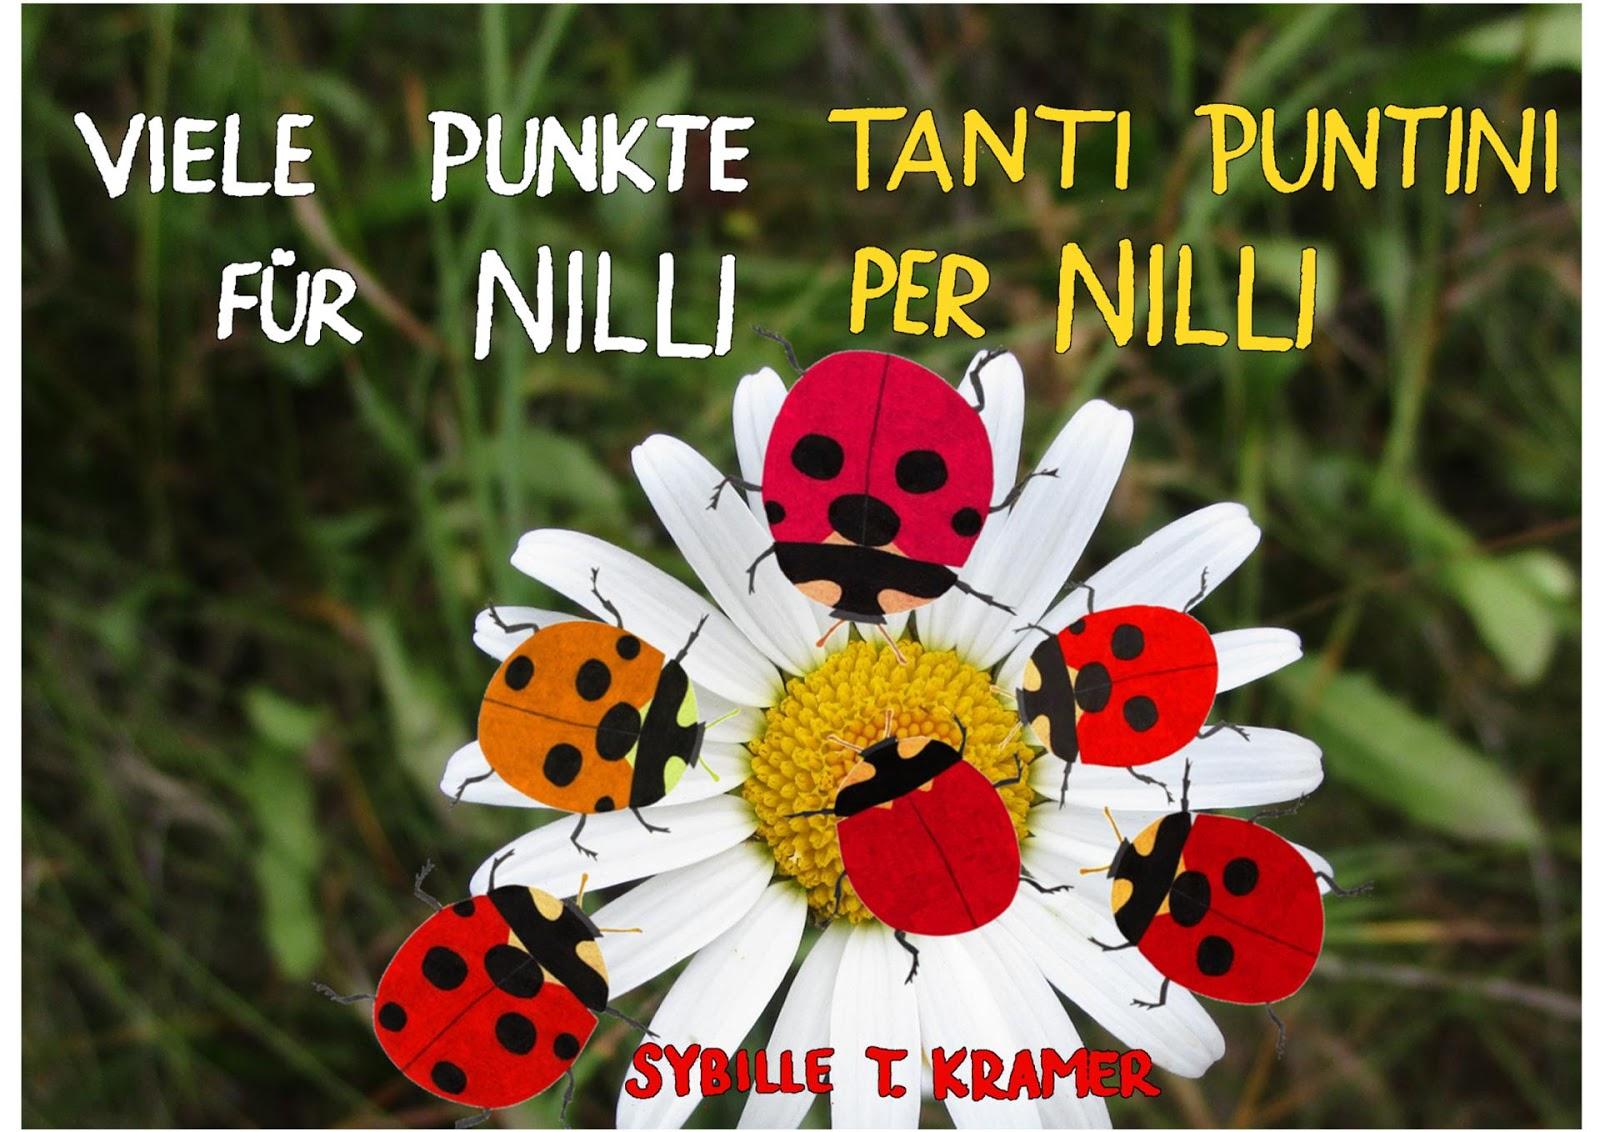 Tanti puntini per Nilli - Viele Punkte für Nilli